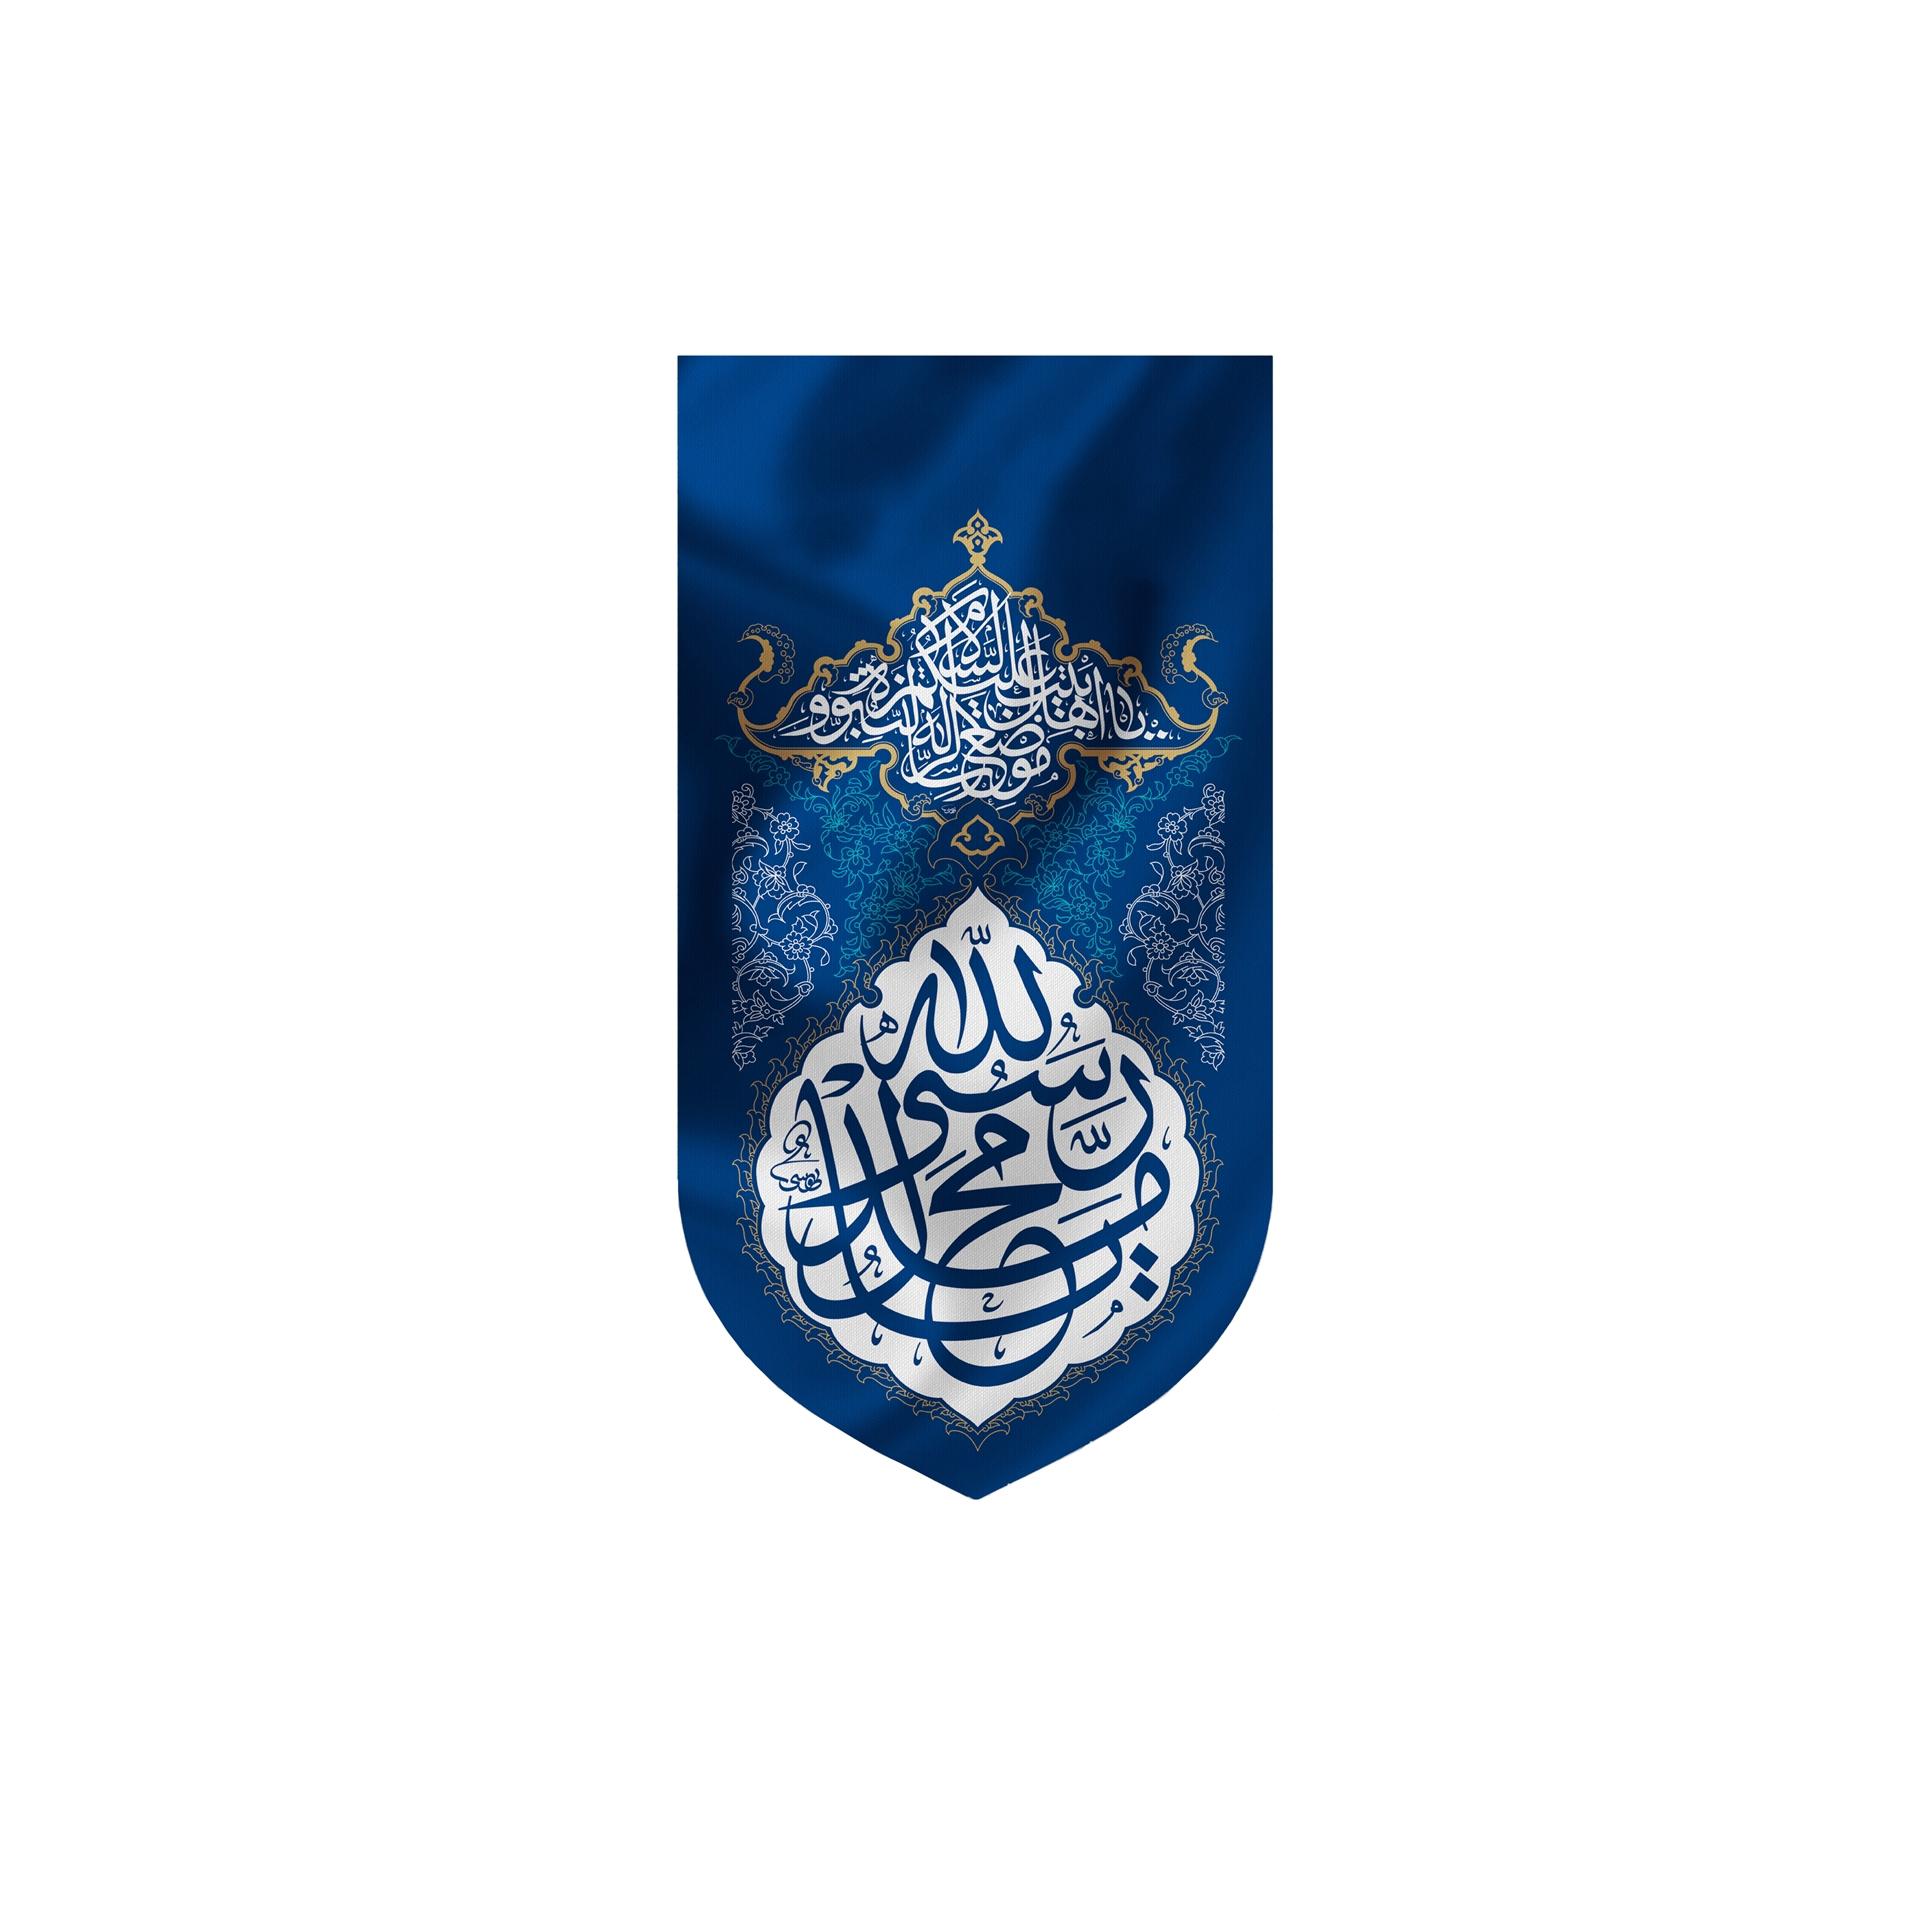 تصویر از بیرق خانگی محمد رسول الله